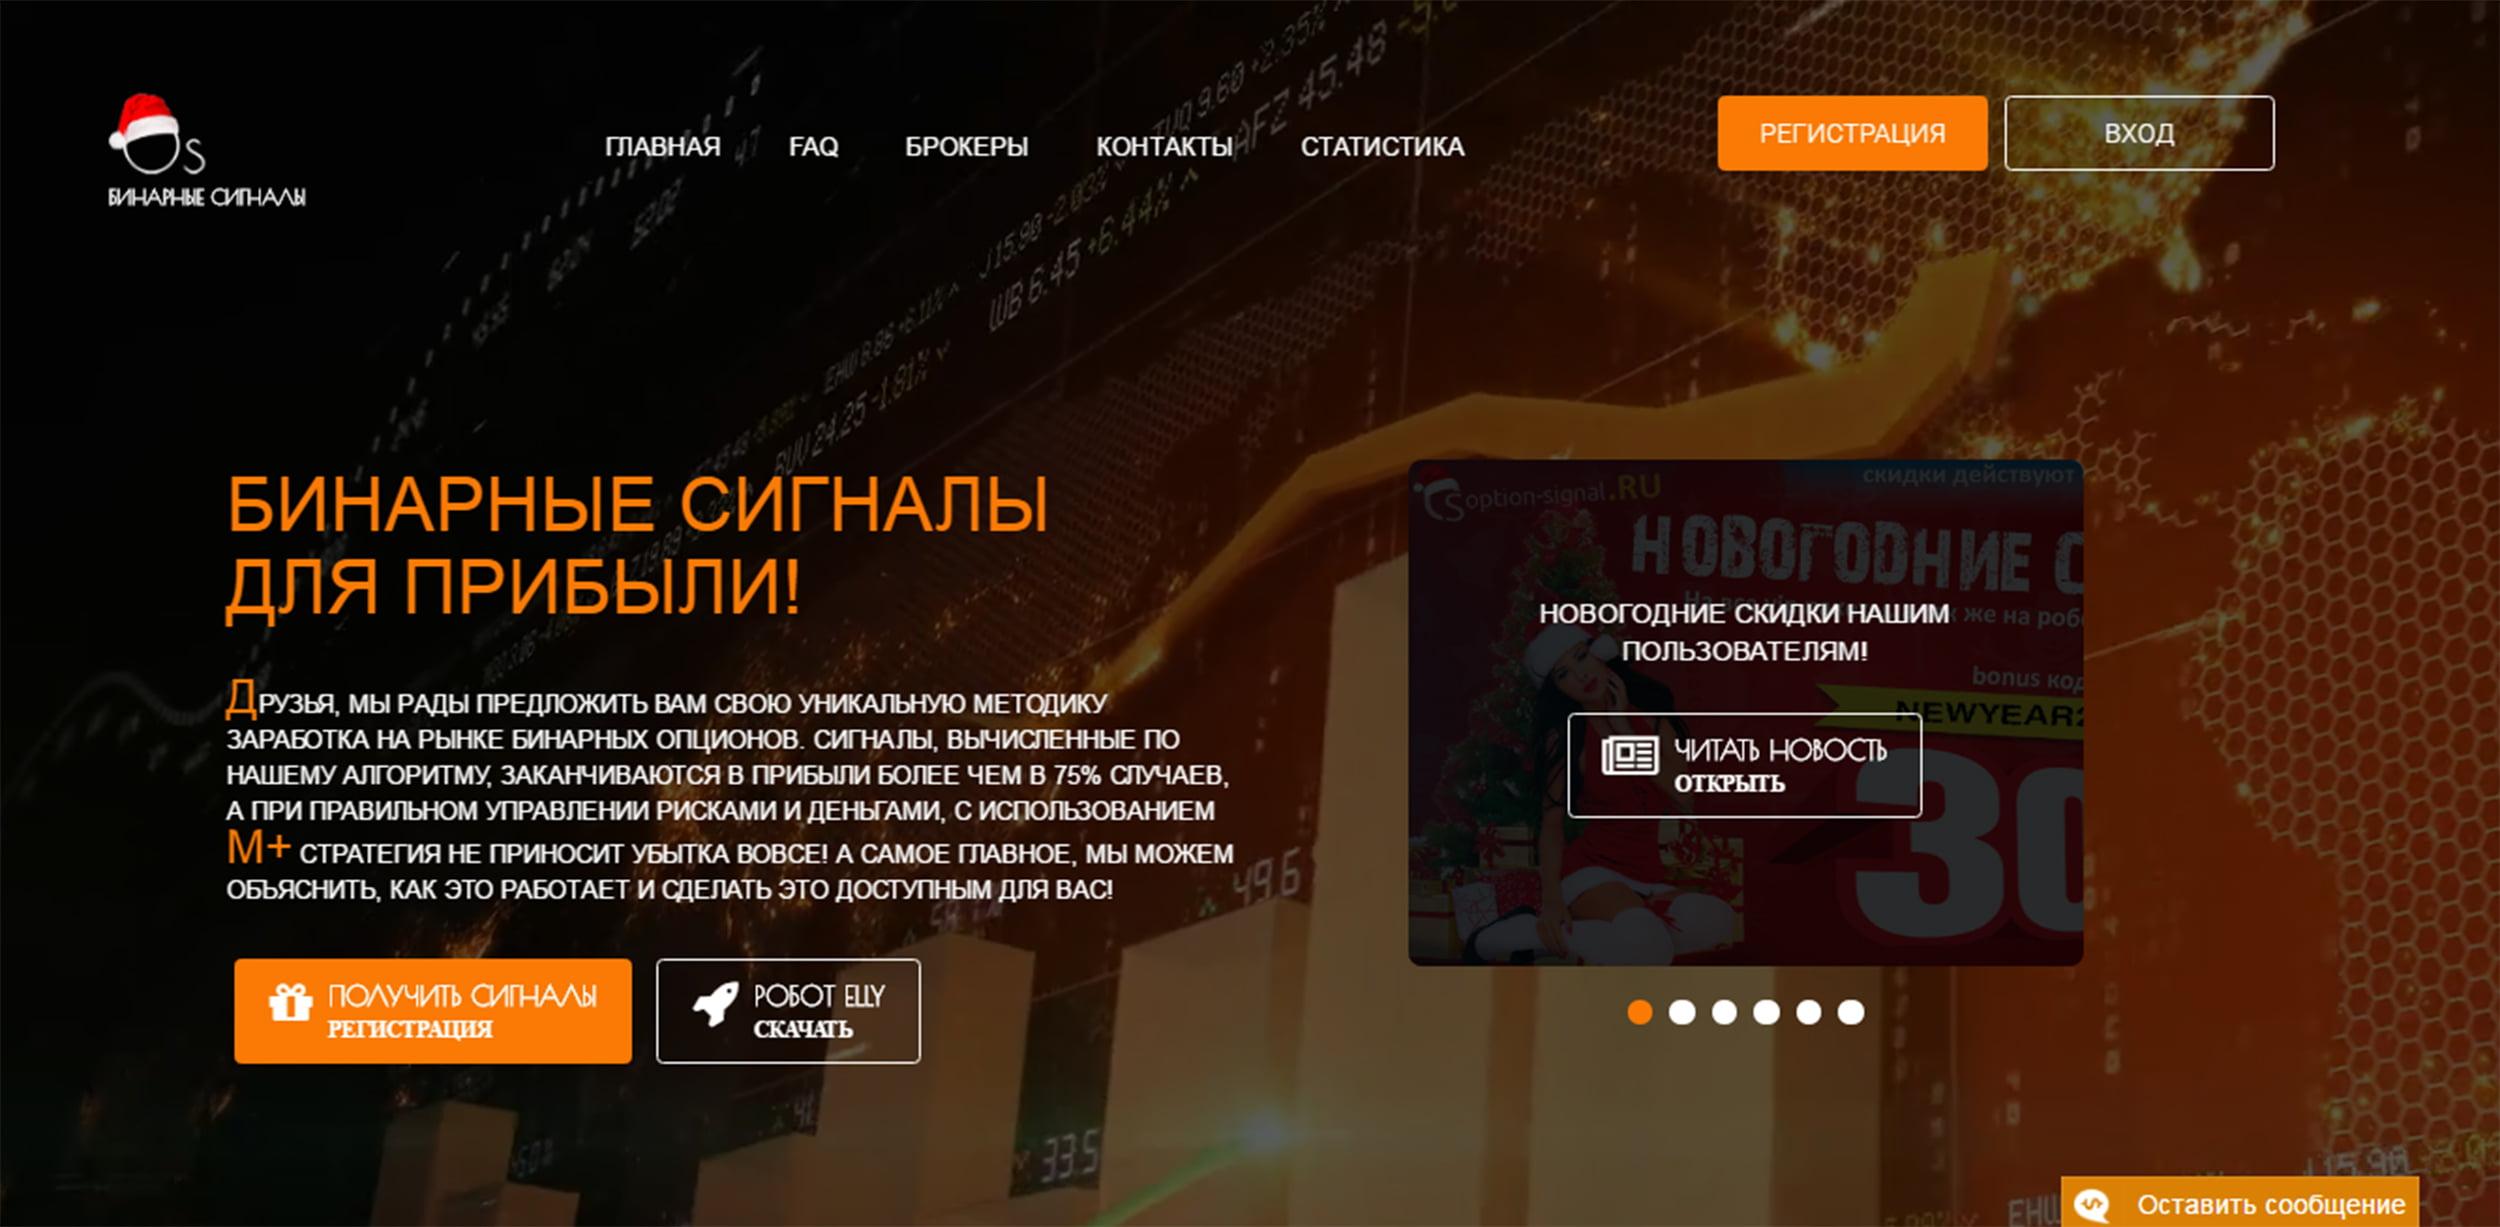 Option-signal.ru